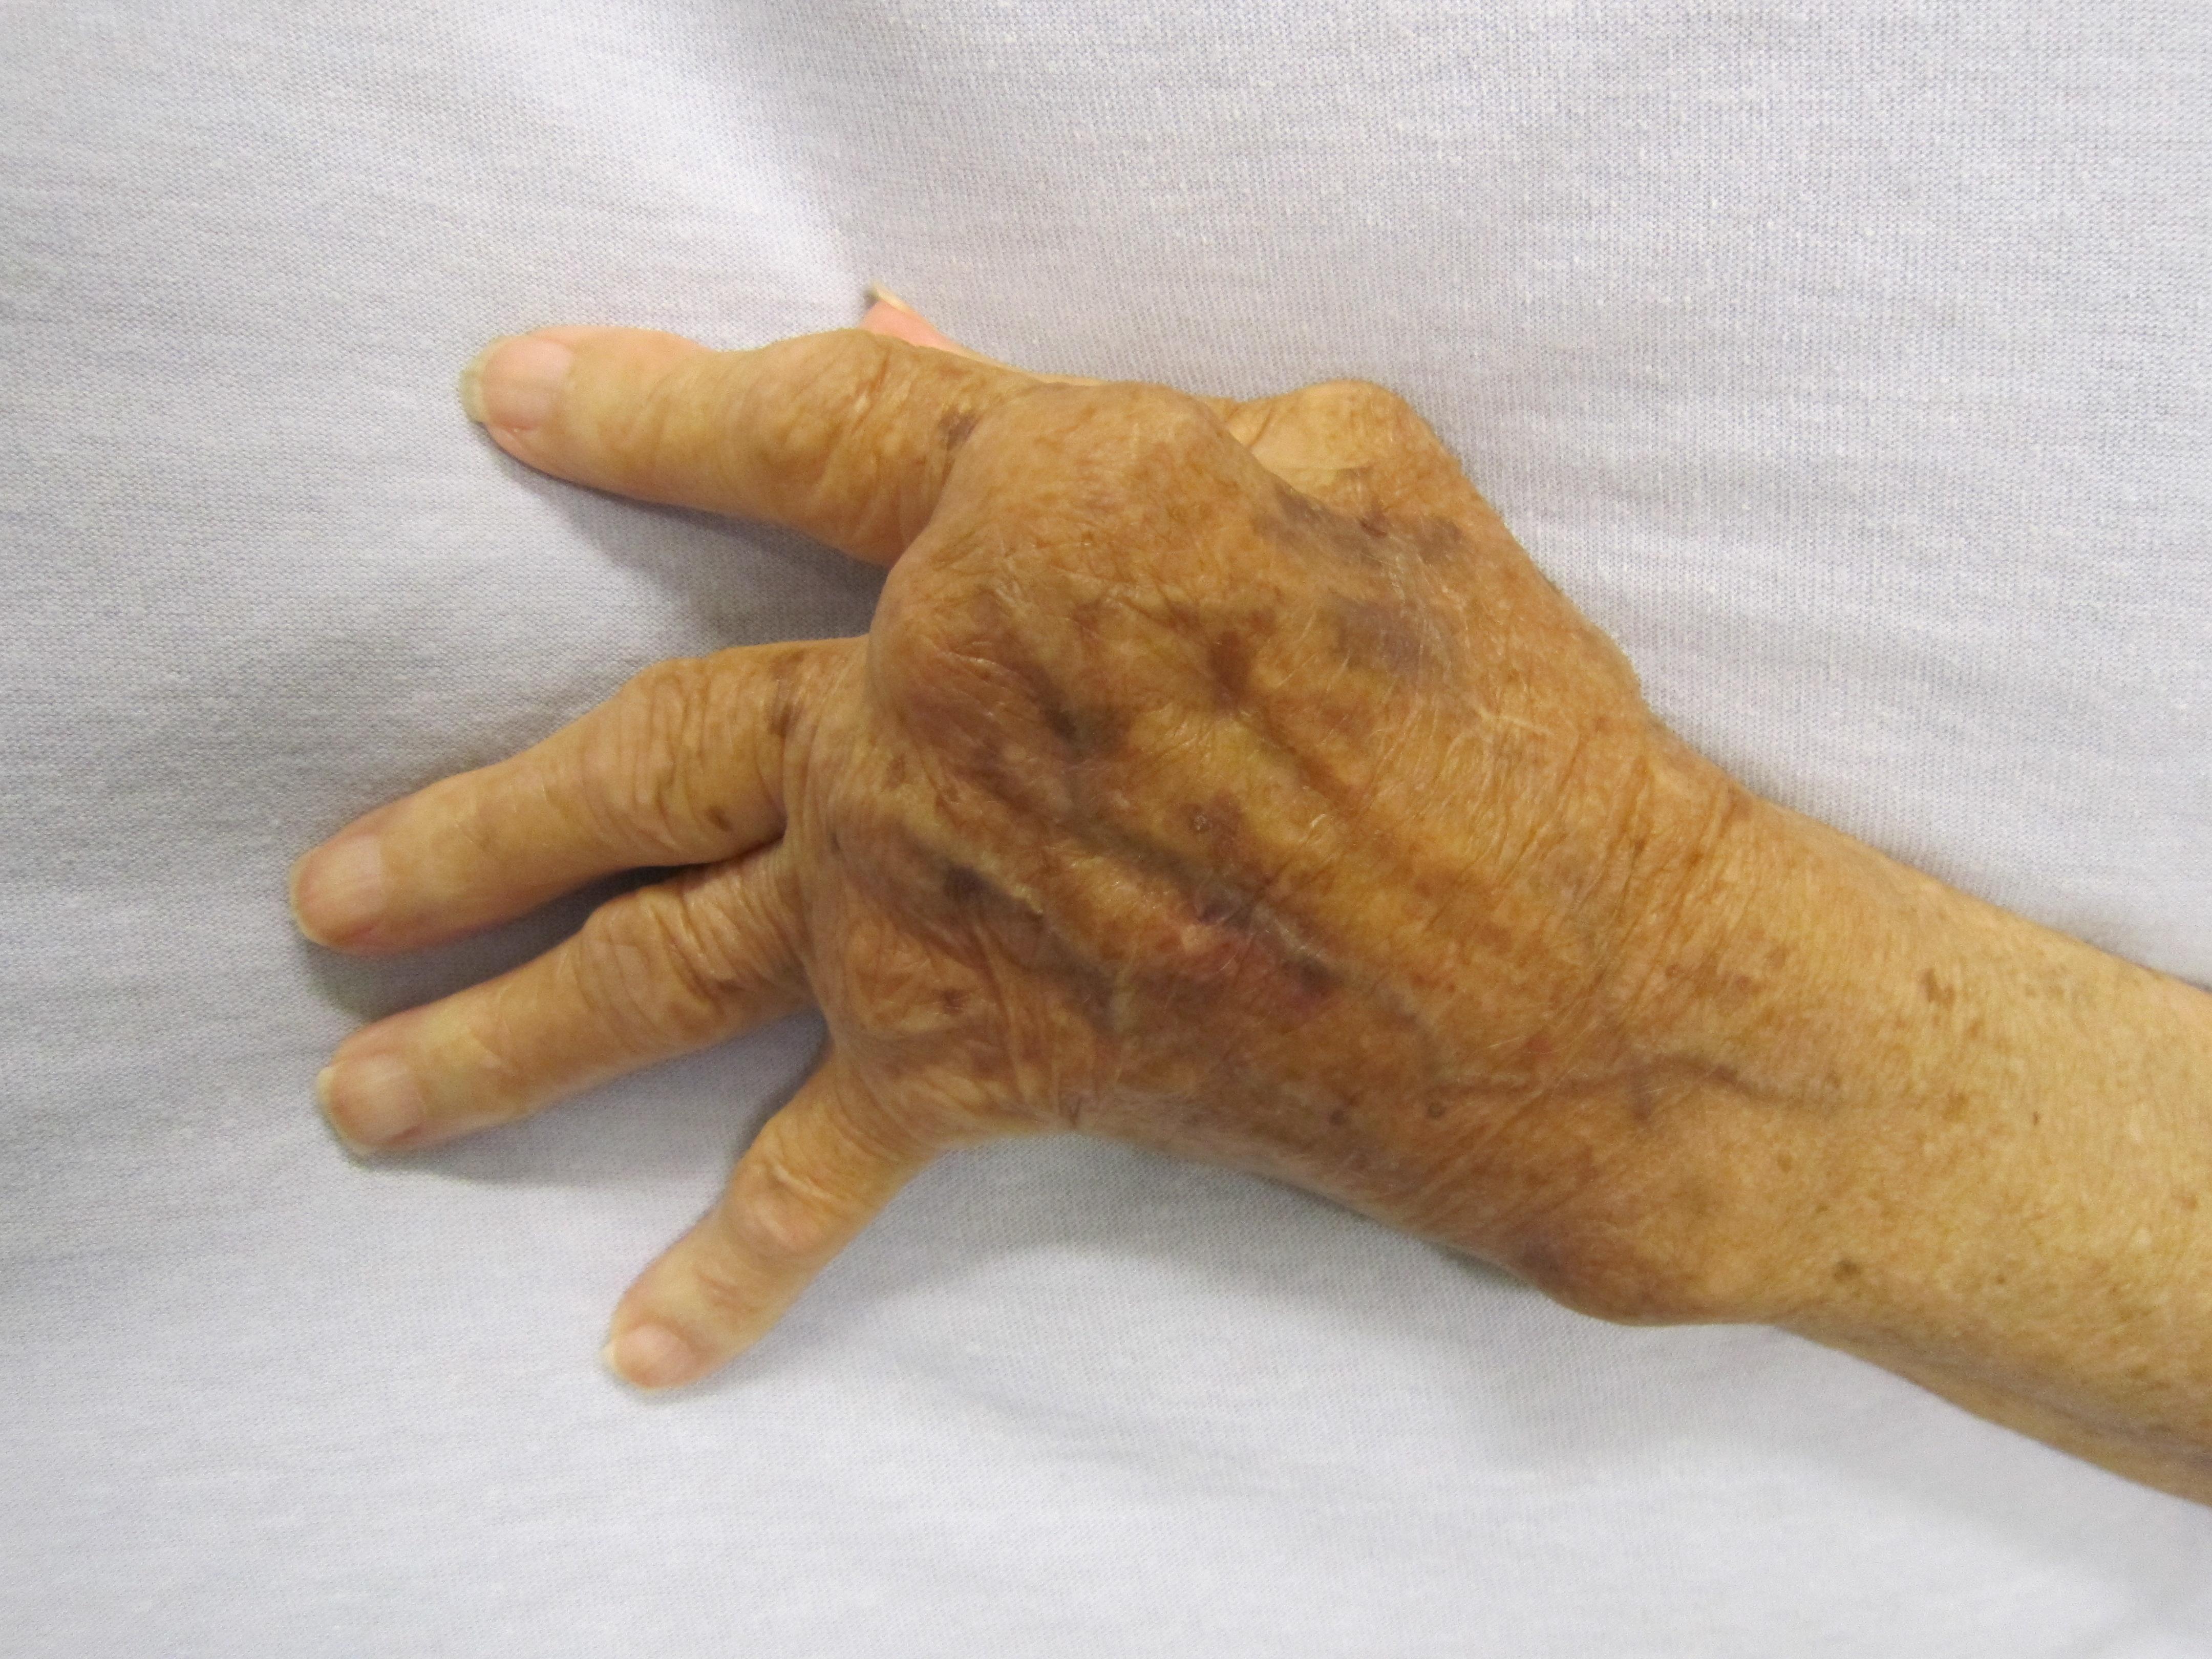 A limfómás esete a balszerencsével